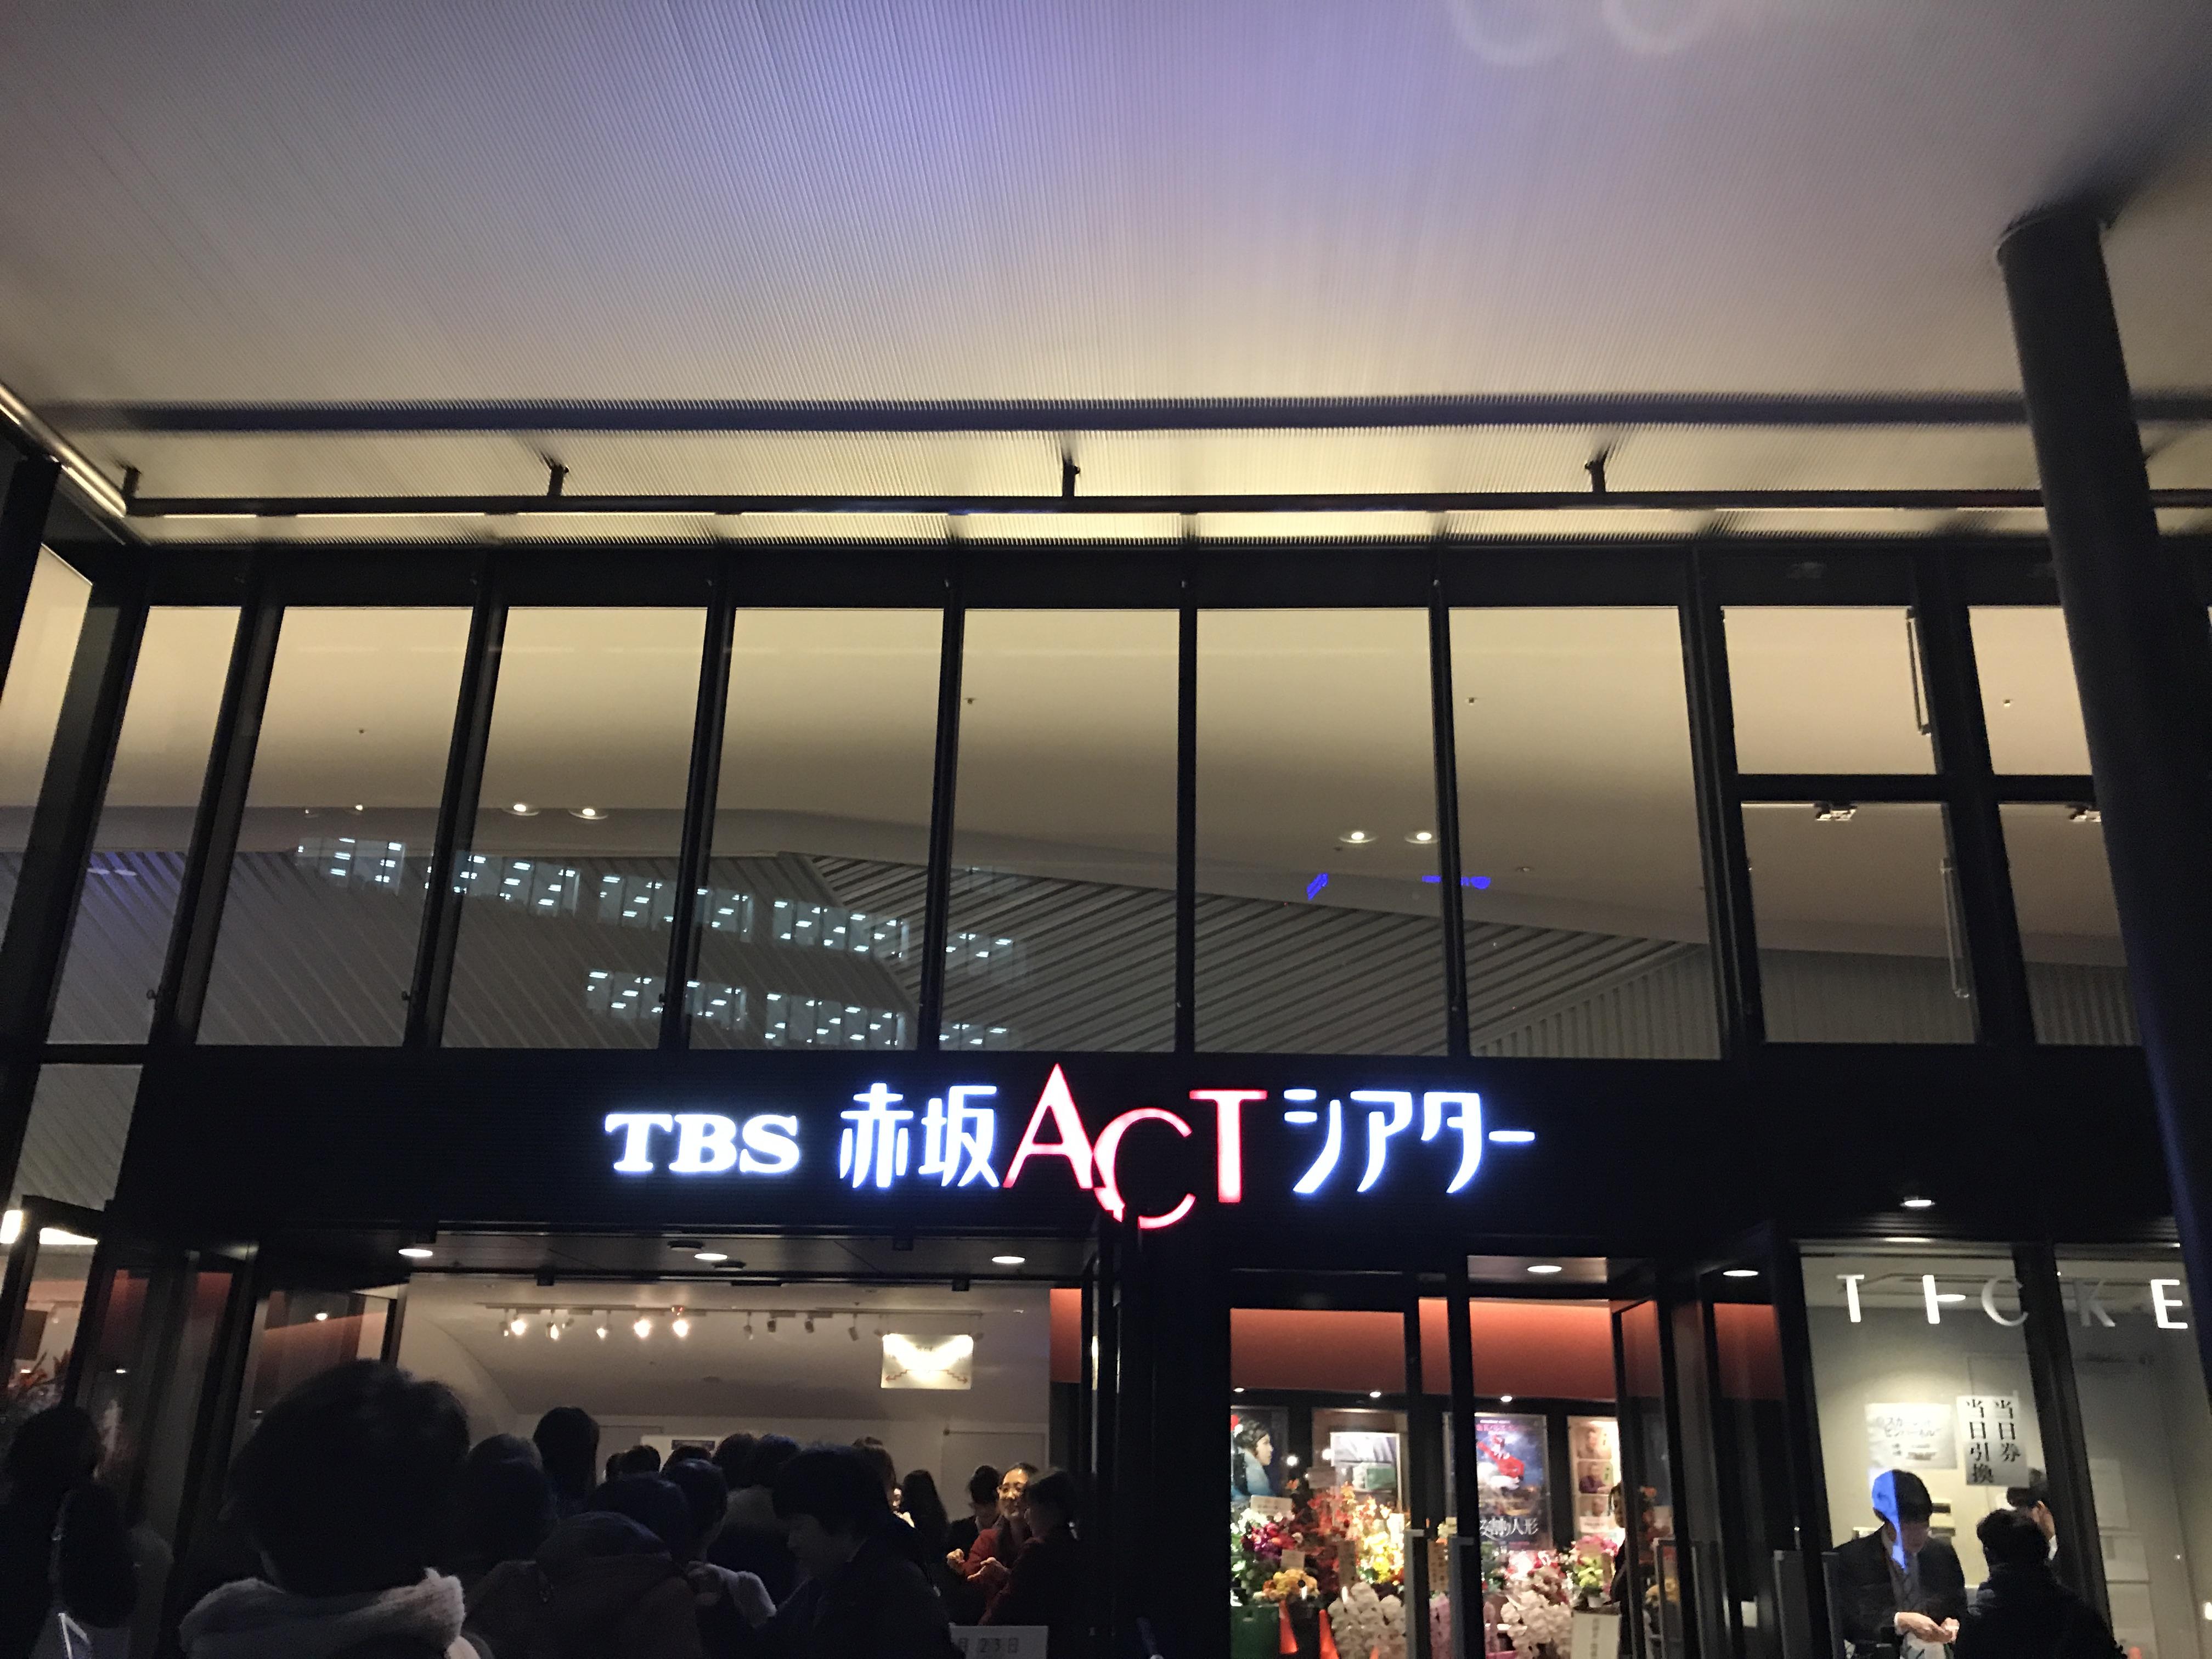 スカーレット・ピンパーネル 赤坂ACTシアター